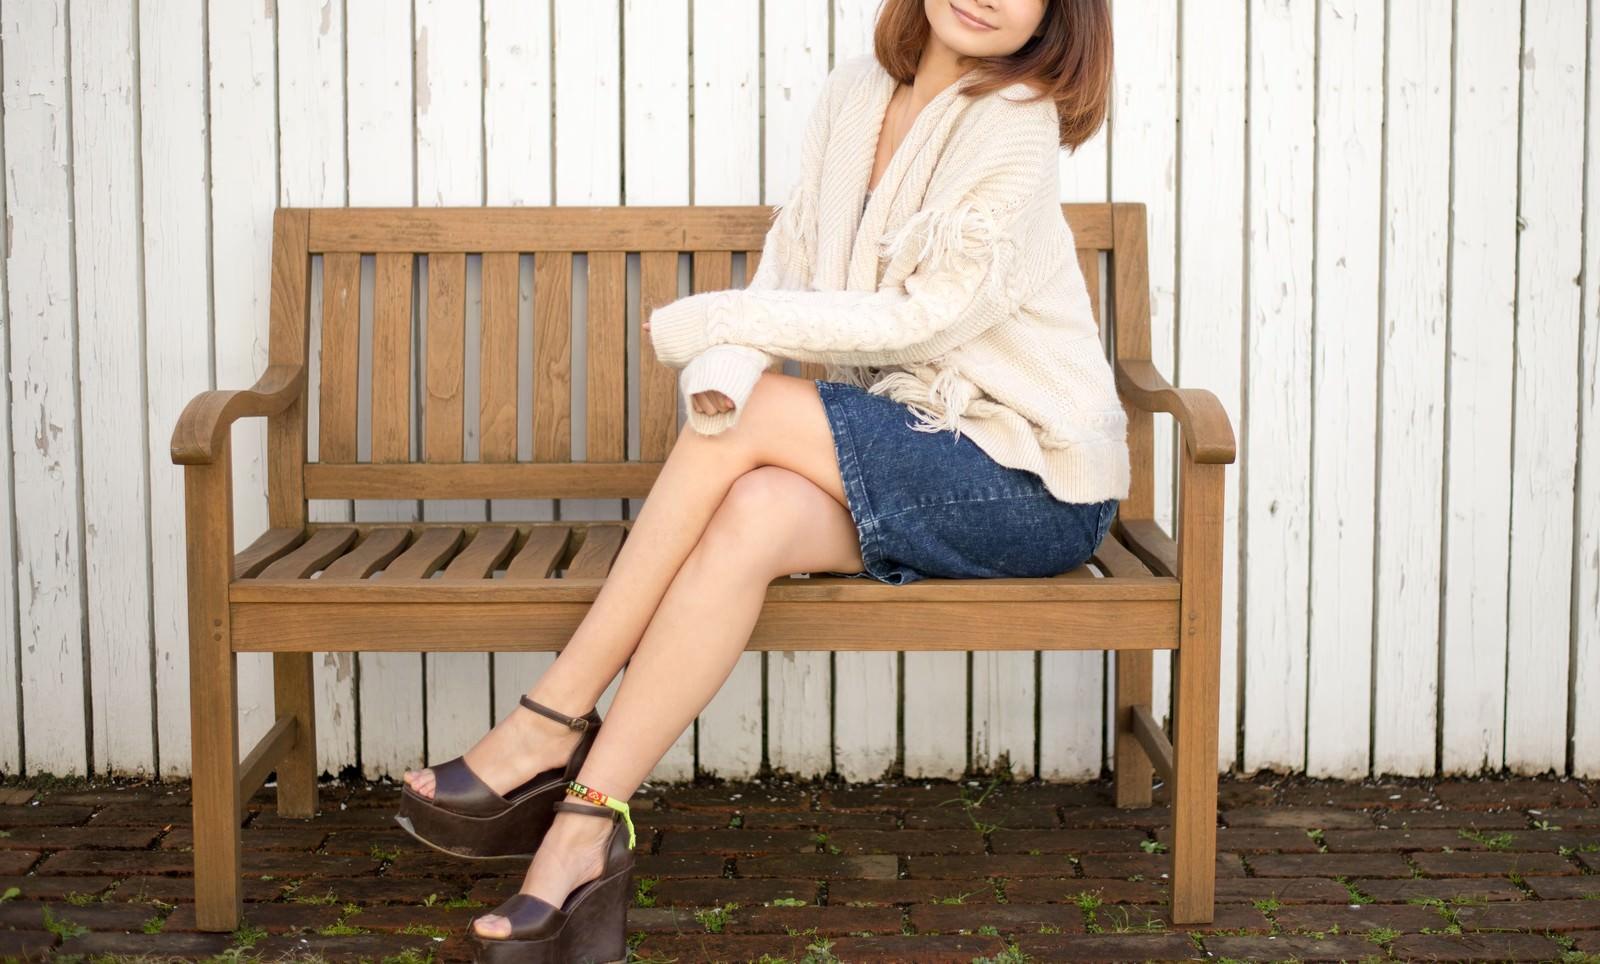 「ベンチに腰掛ける若い女性」の写真